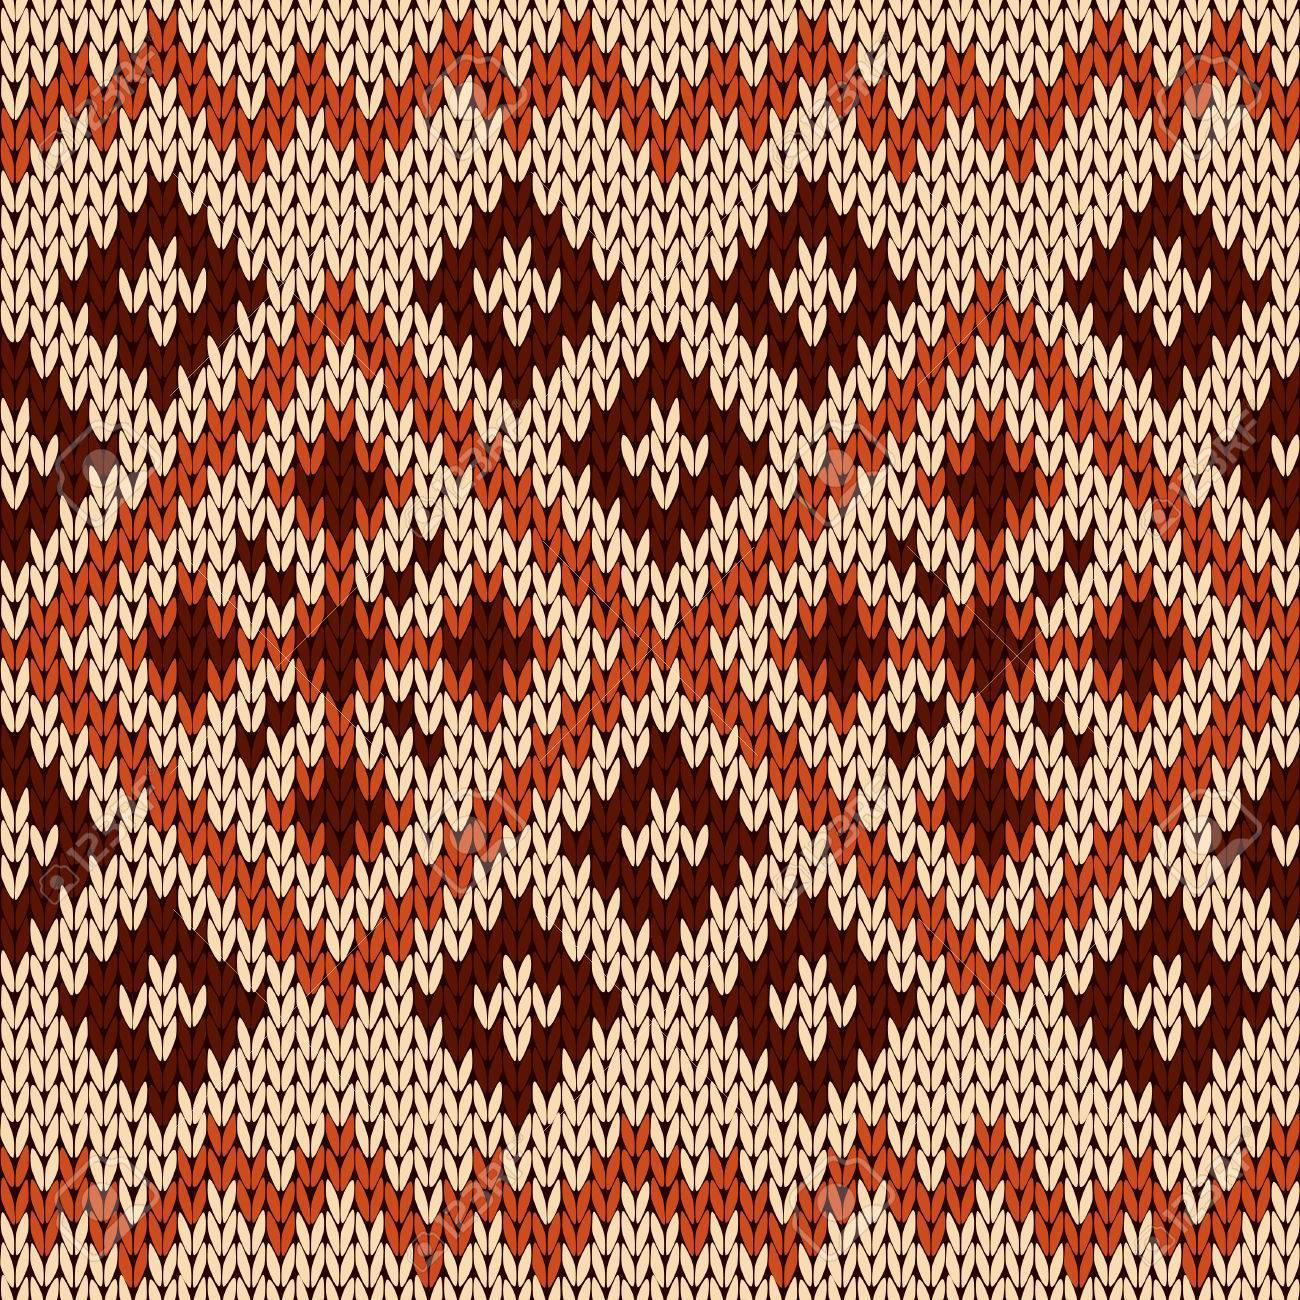 Vector Patrón Abstracto Sin Fisuras De Tejer Ornamental Con Rombos Y ...